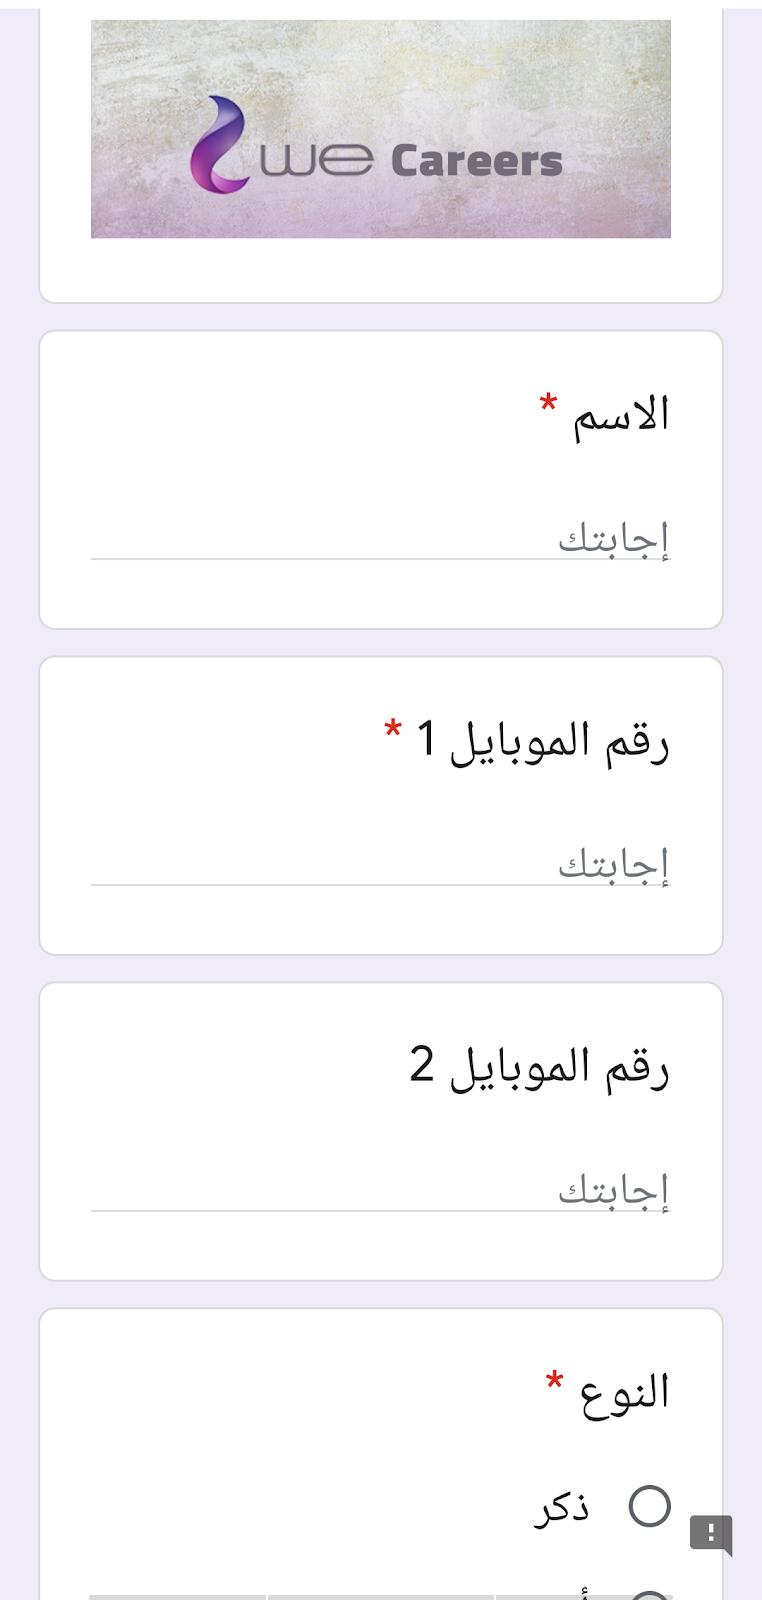 وظائف الشركة المصرية للاتصالات we